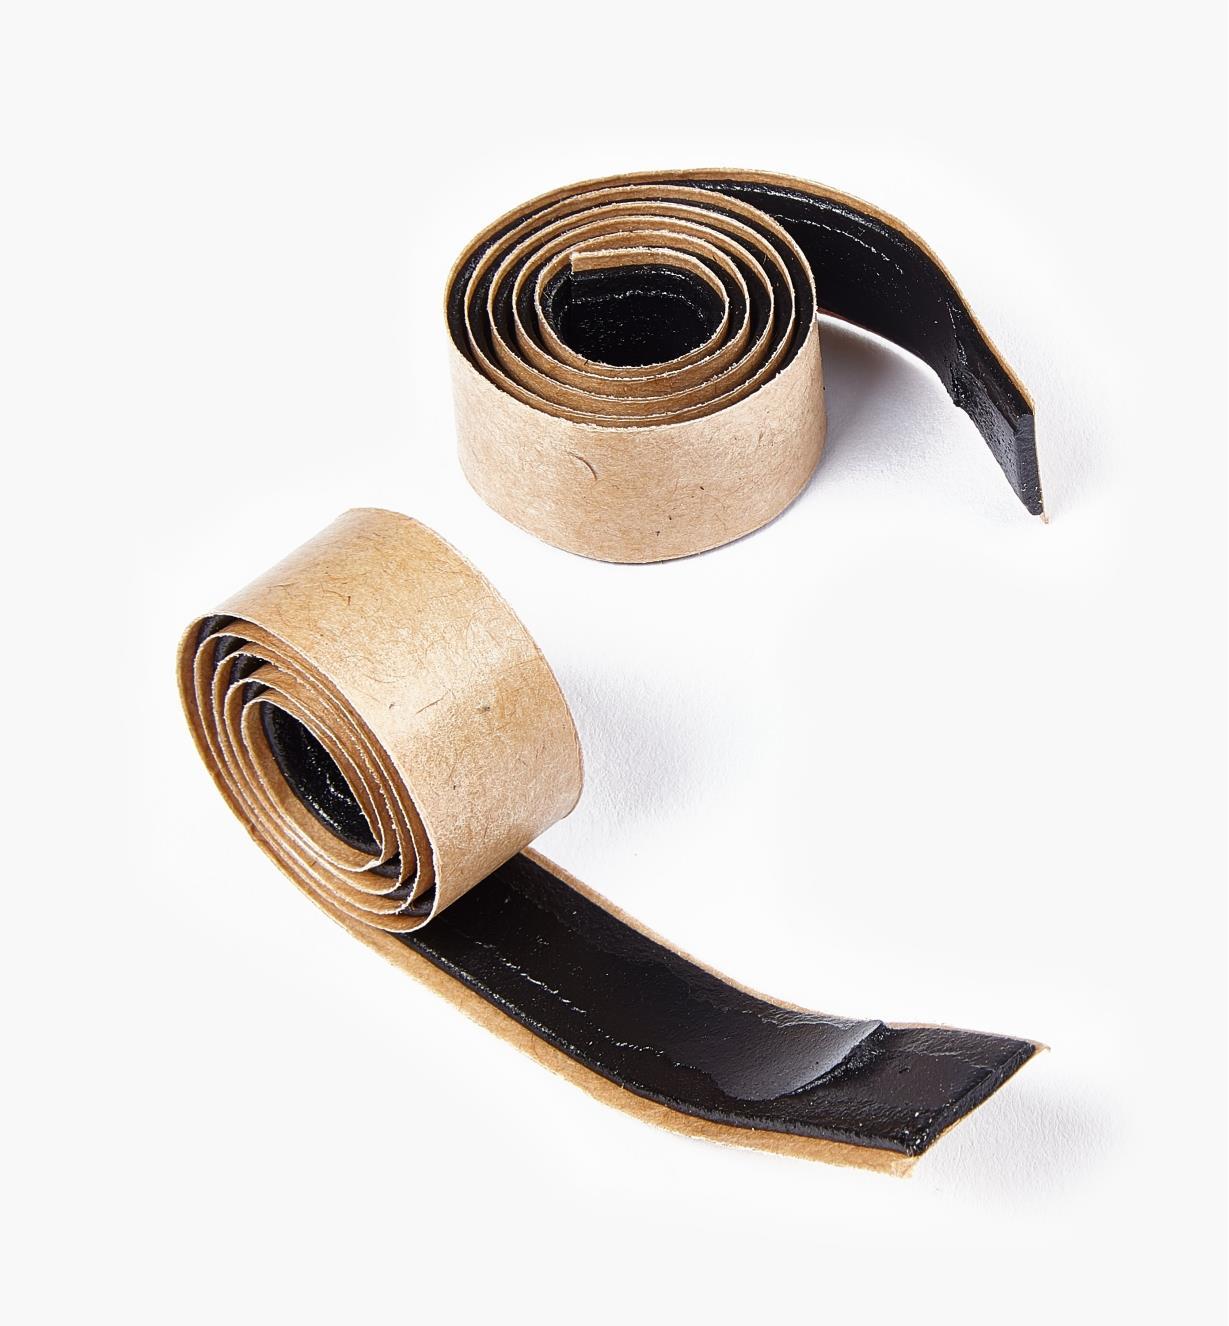 55K6722 - Repl. Butyl Rubber Tape